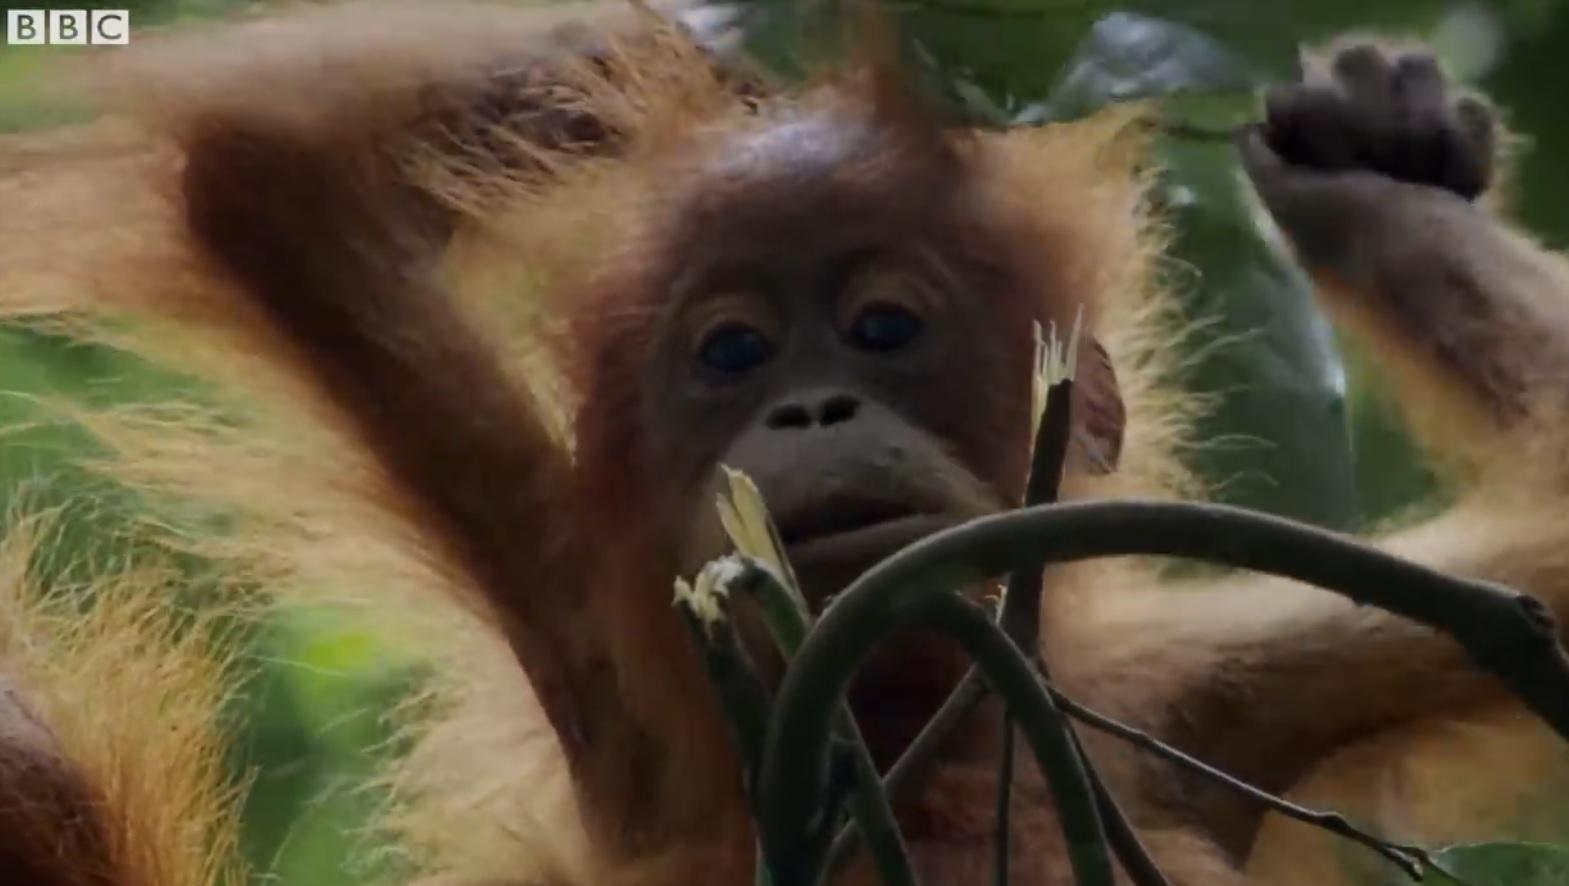 Mother Orangutan Teaching Daugter